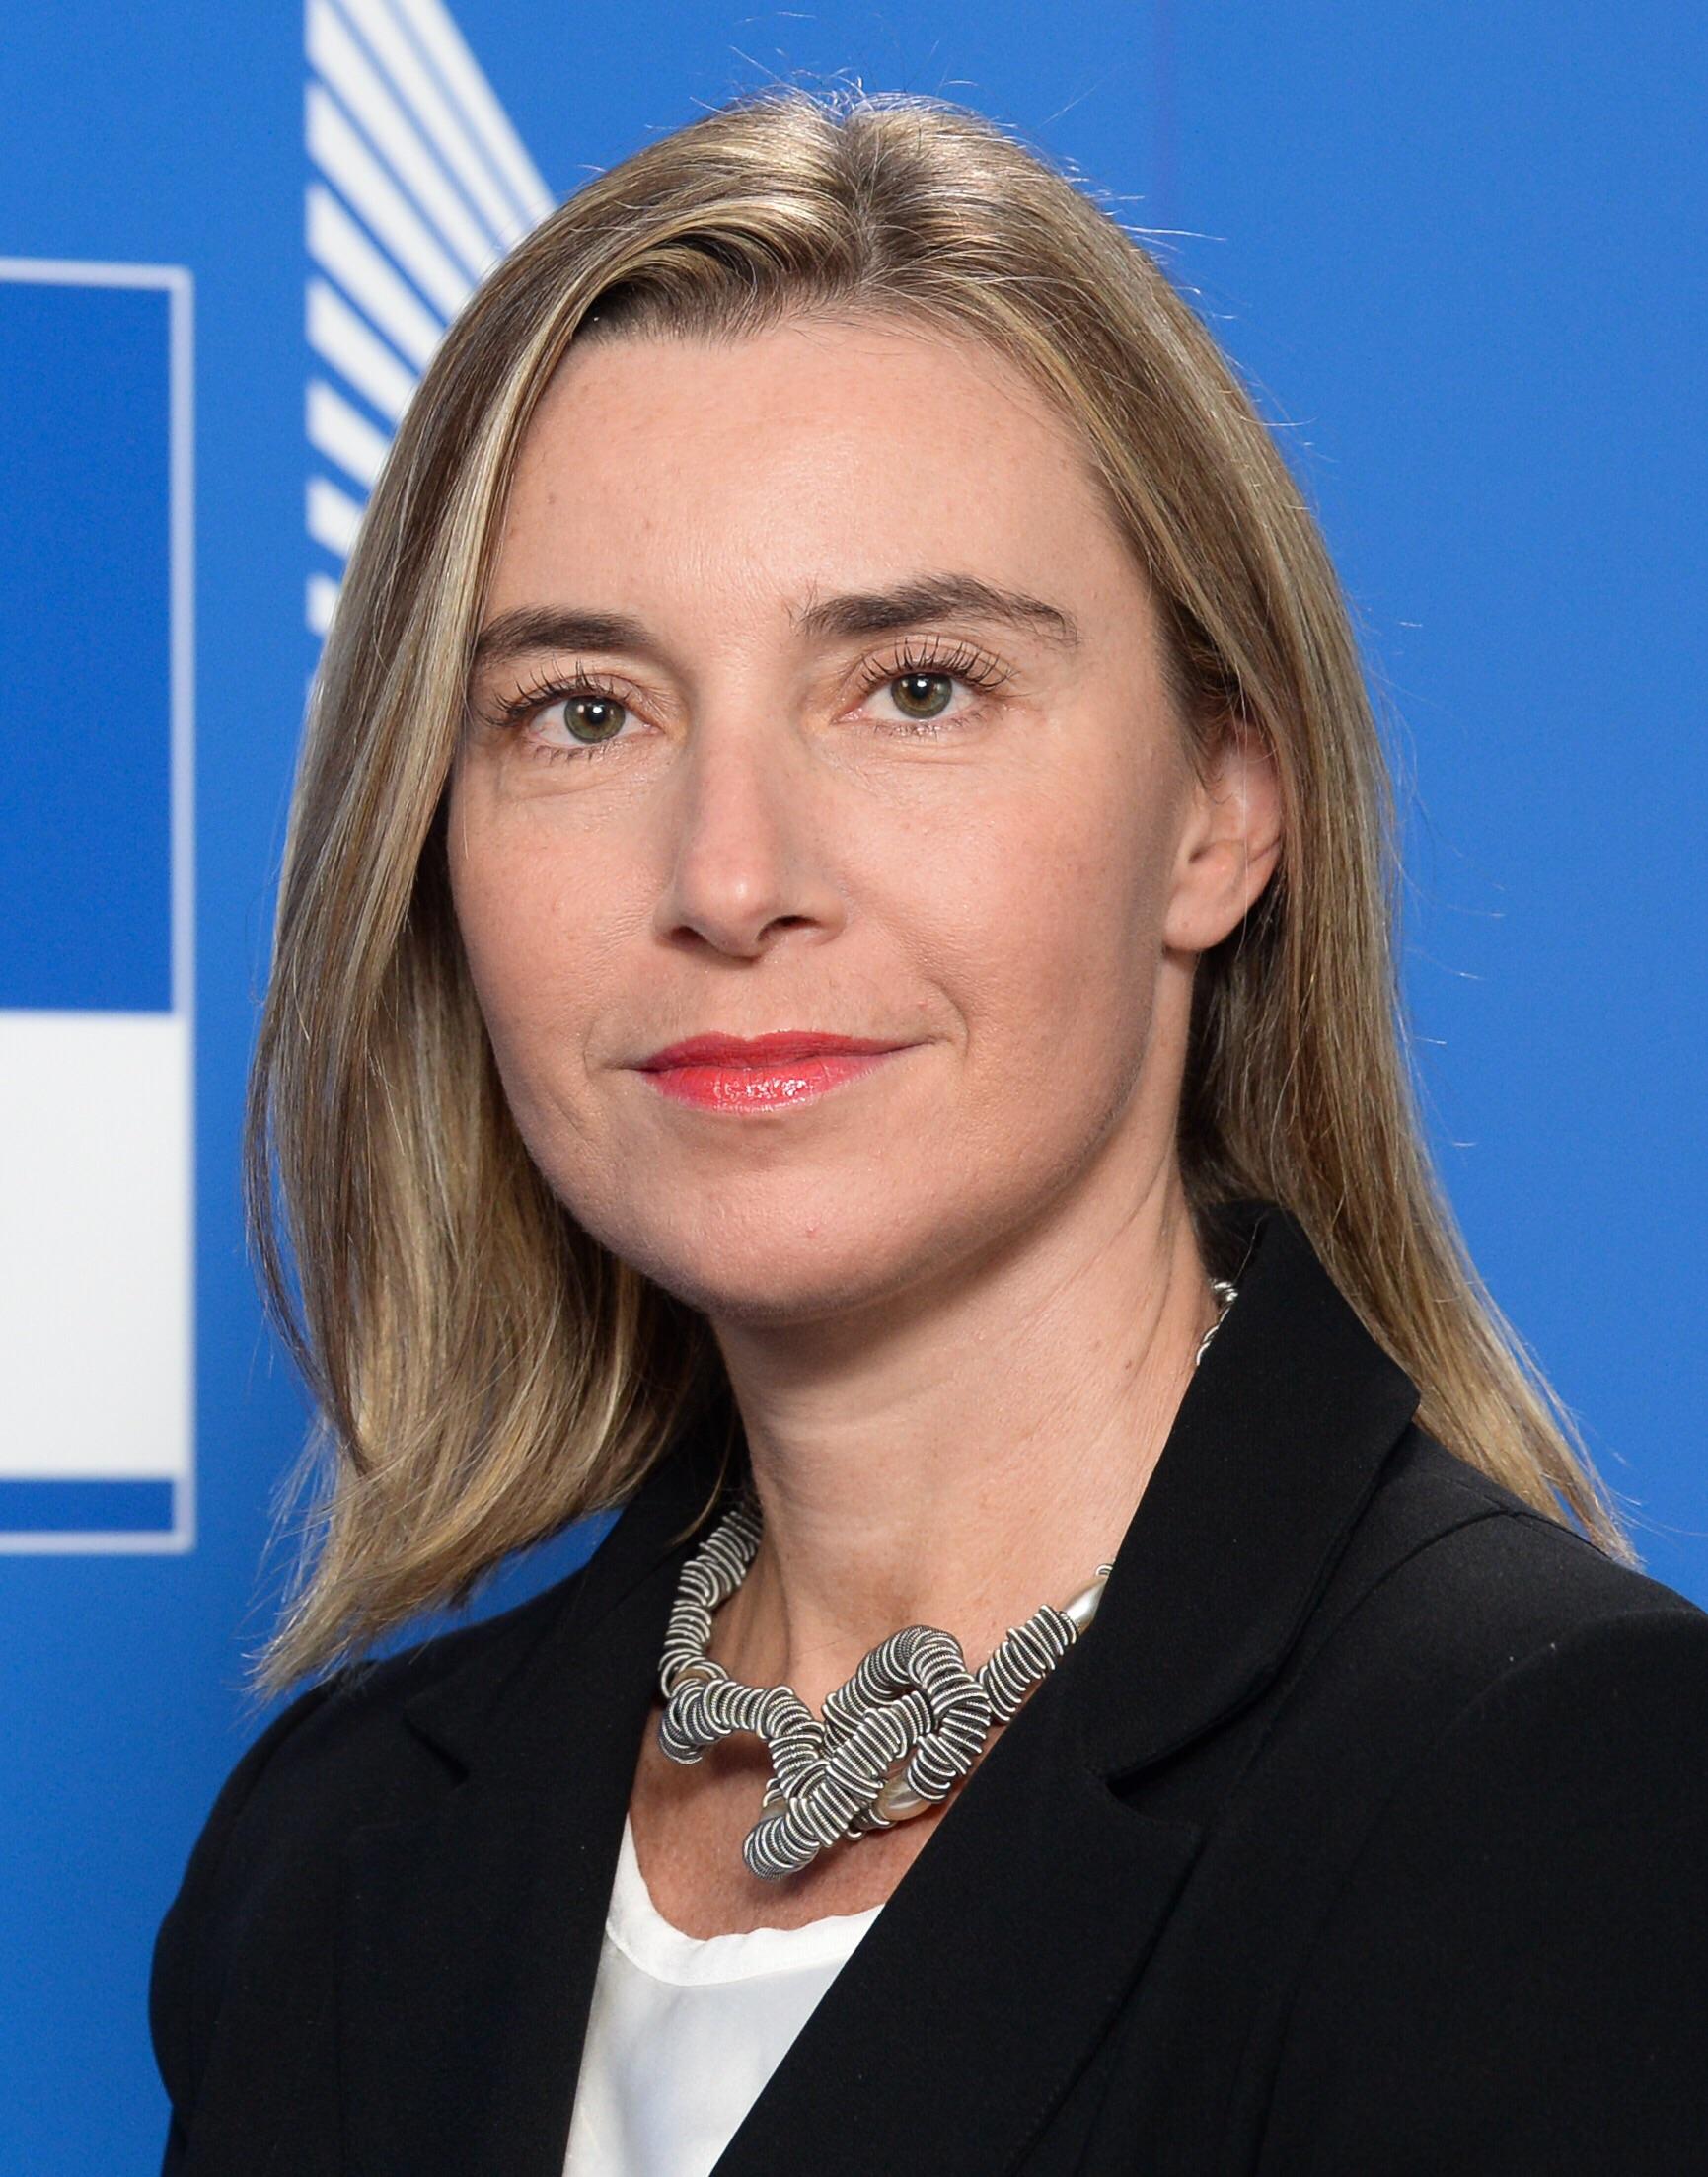 فيديريكا موغريني: مسؤولة الشؤون الخارجية بالاتحاد الأوروبي